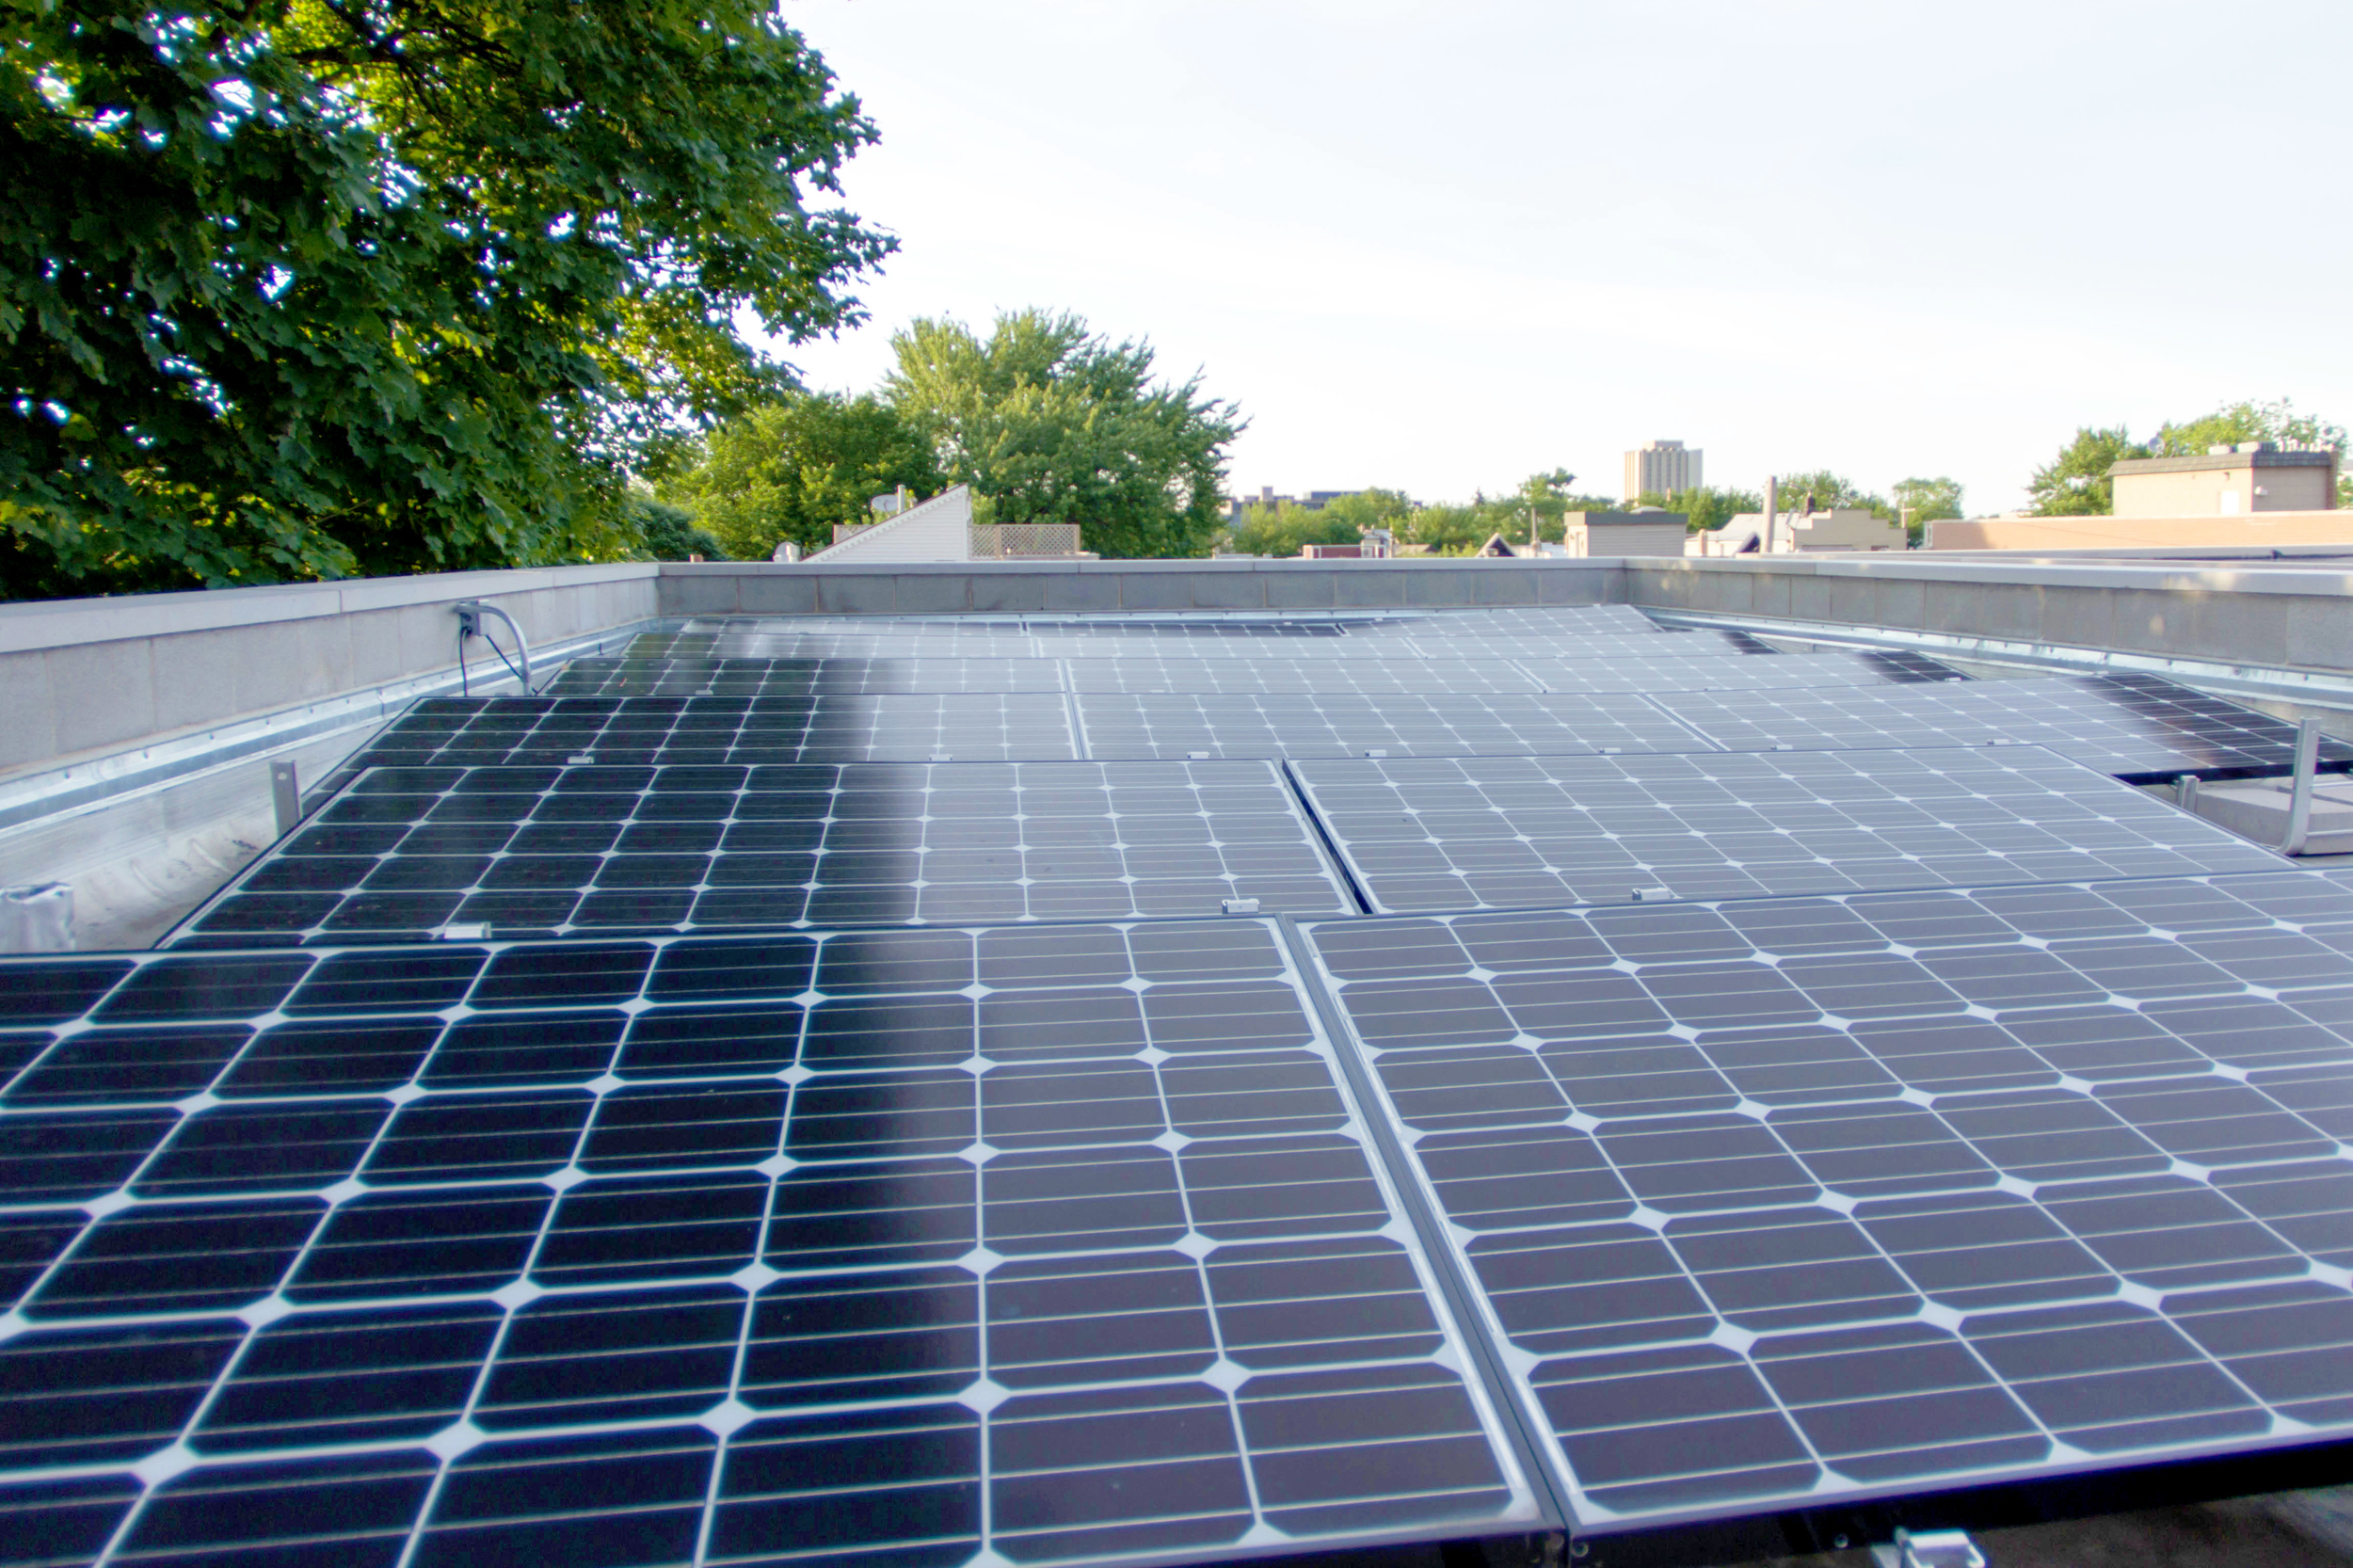 2440 West Ohio Chicago Exterior Roof Solar Panels TARIS Real Estate